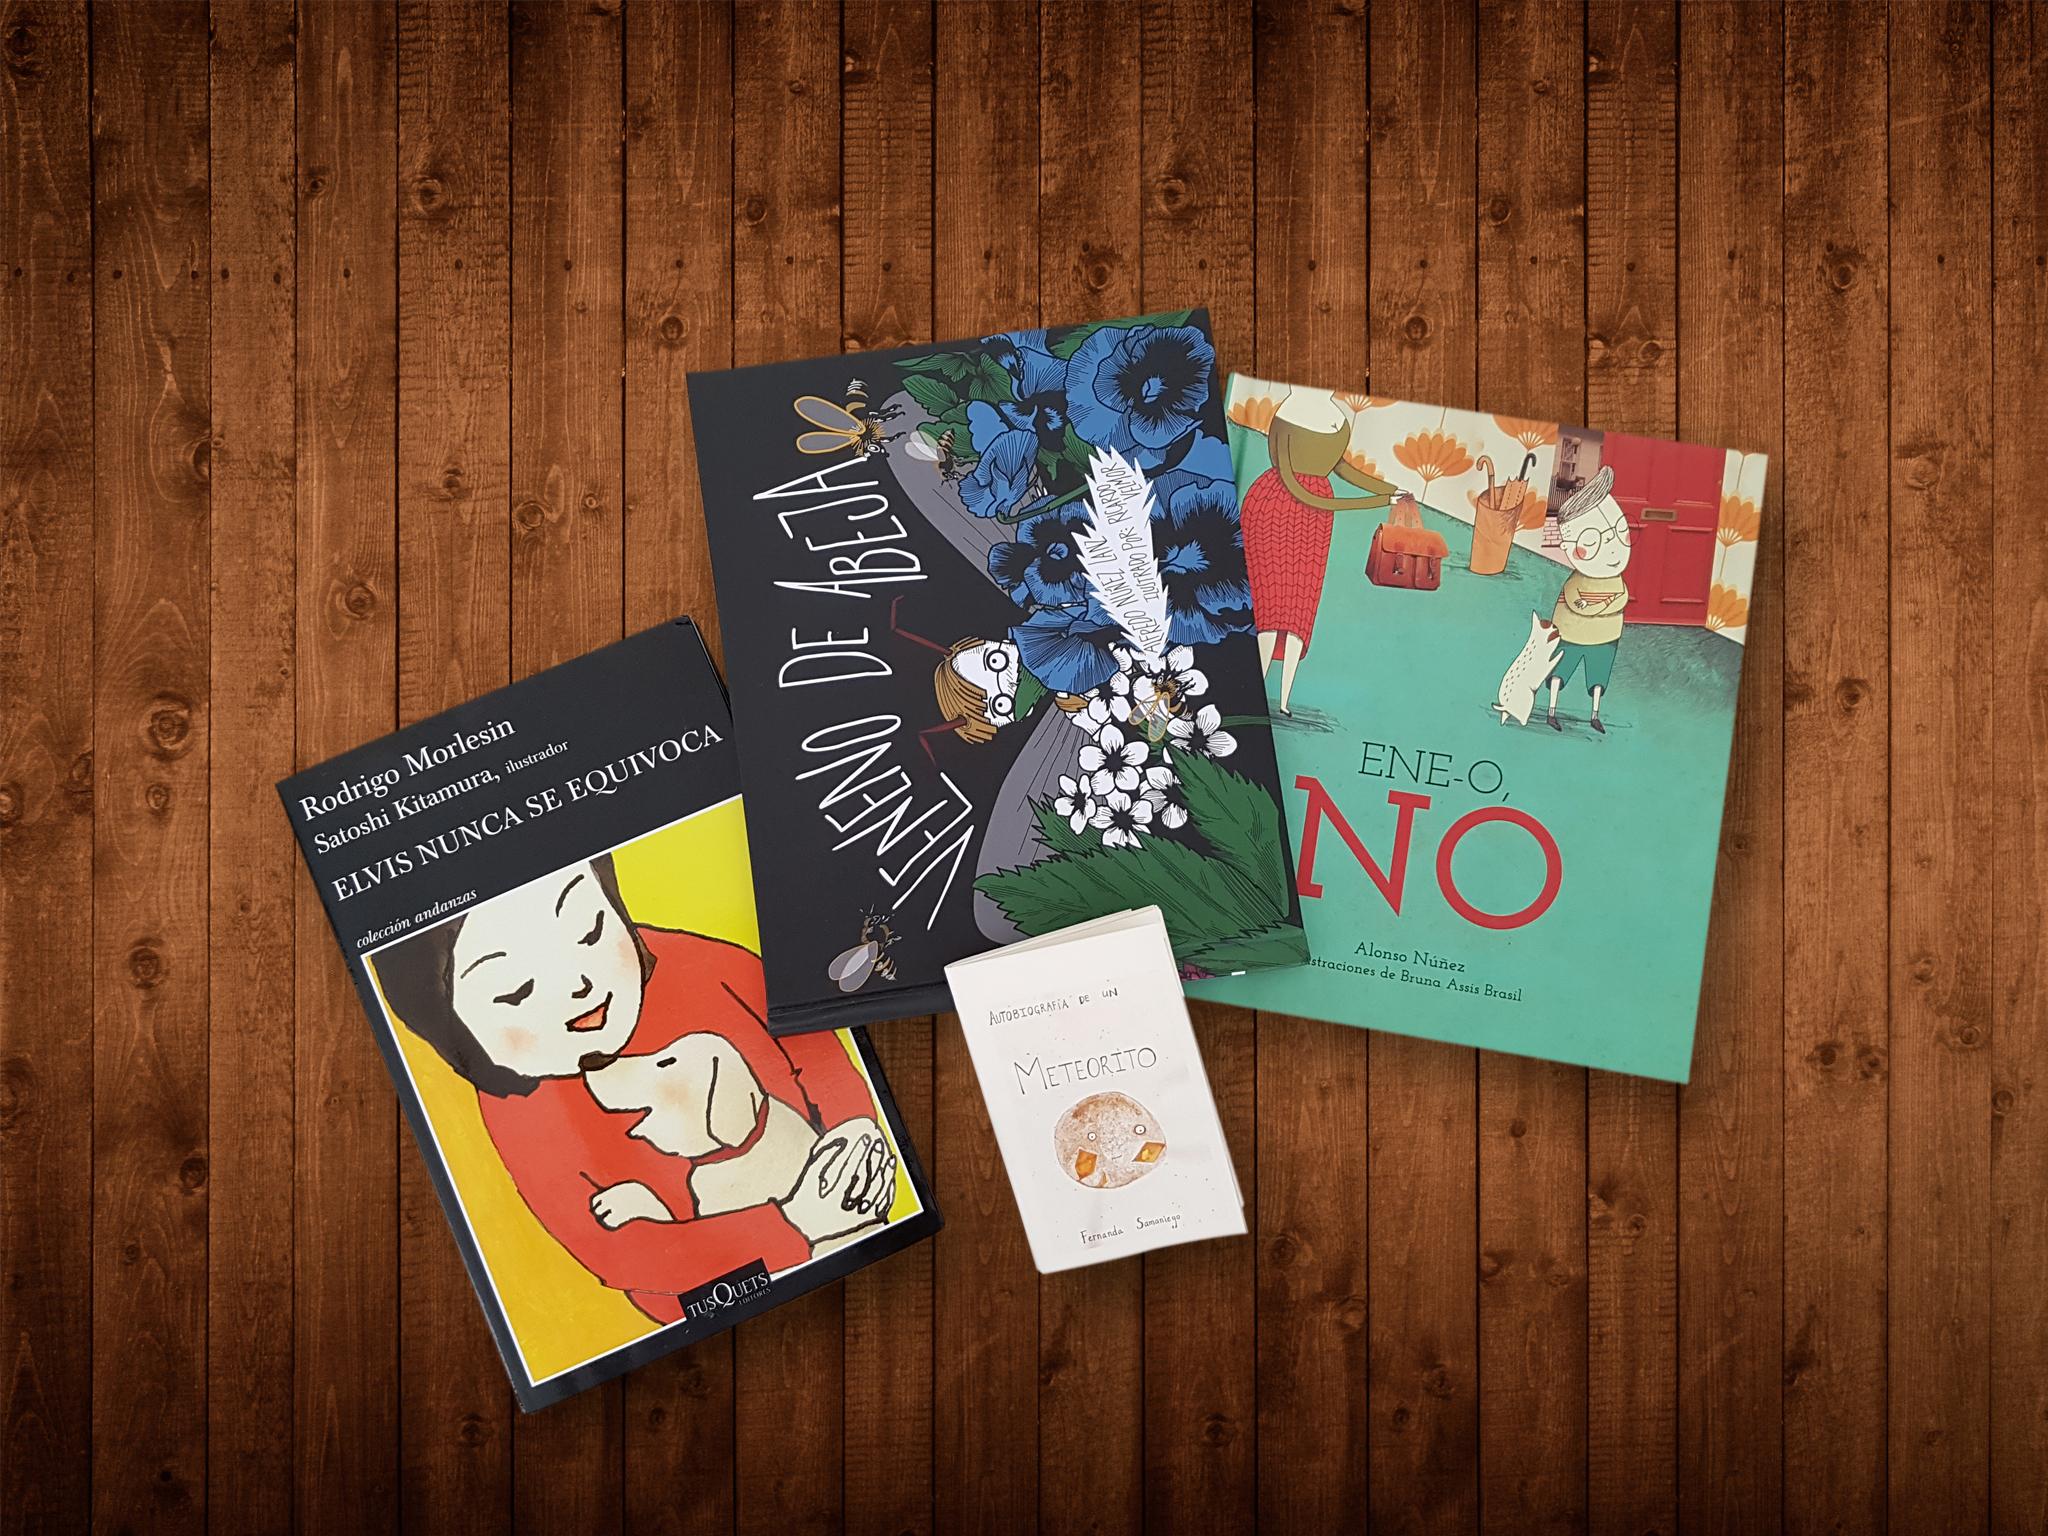 Libros para niños: historias largas, medianas y cortas